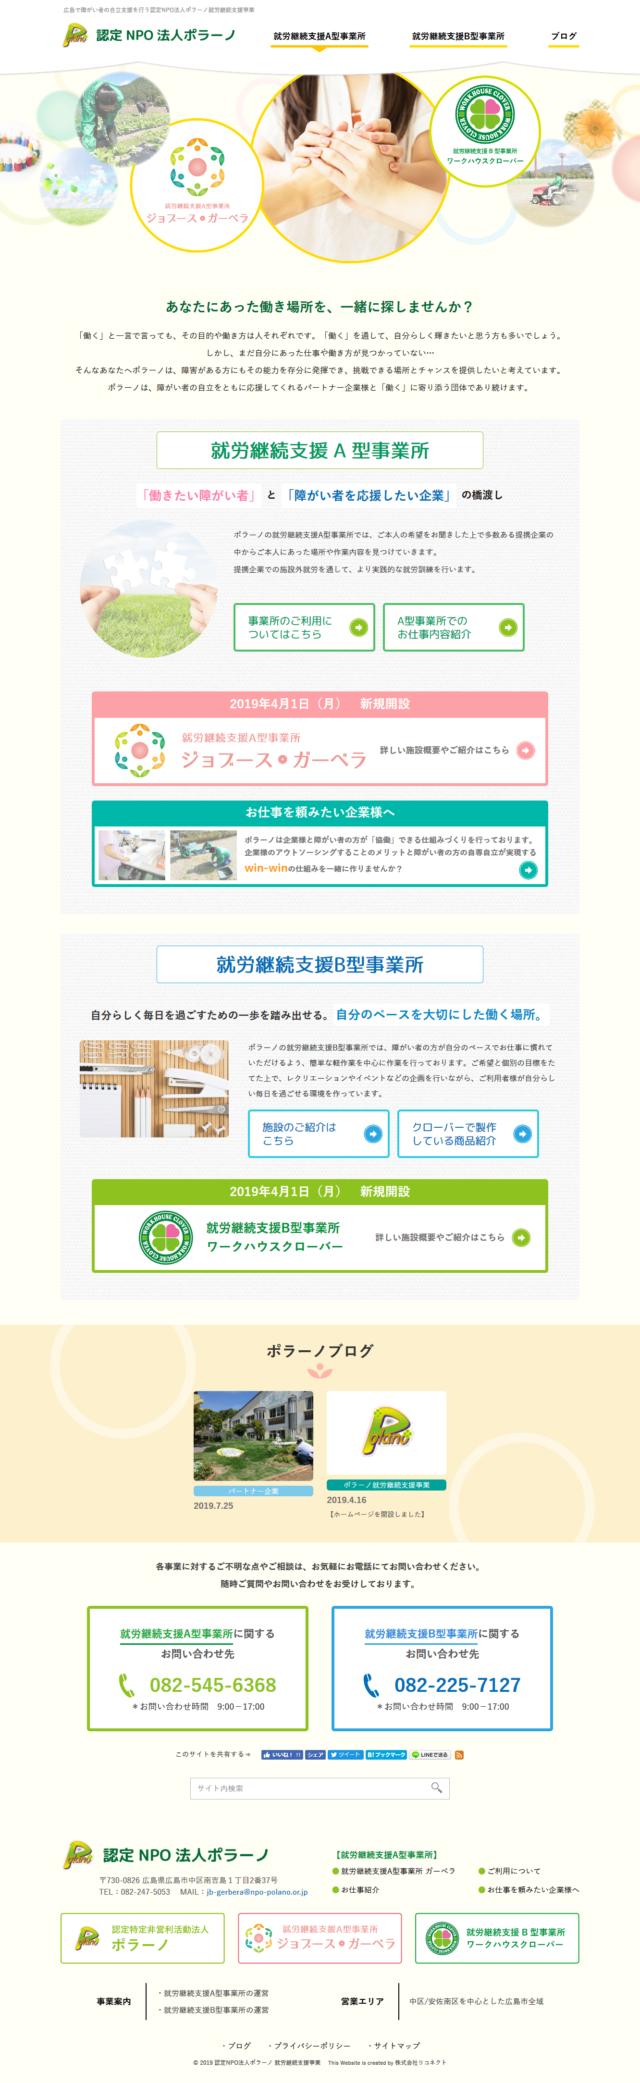 広島県広島市の就労継続支援事業所運営 認定NPO法人ポラーノ 様